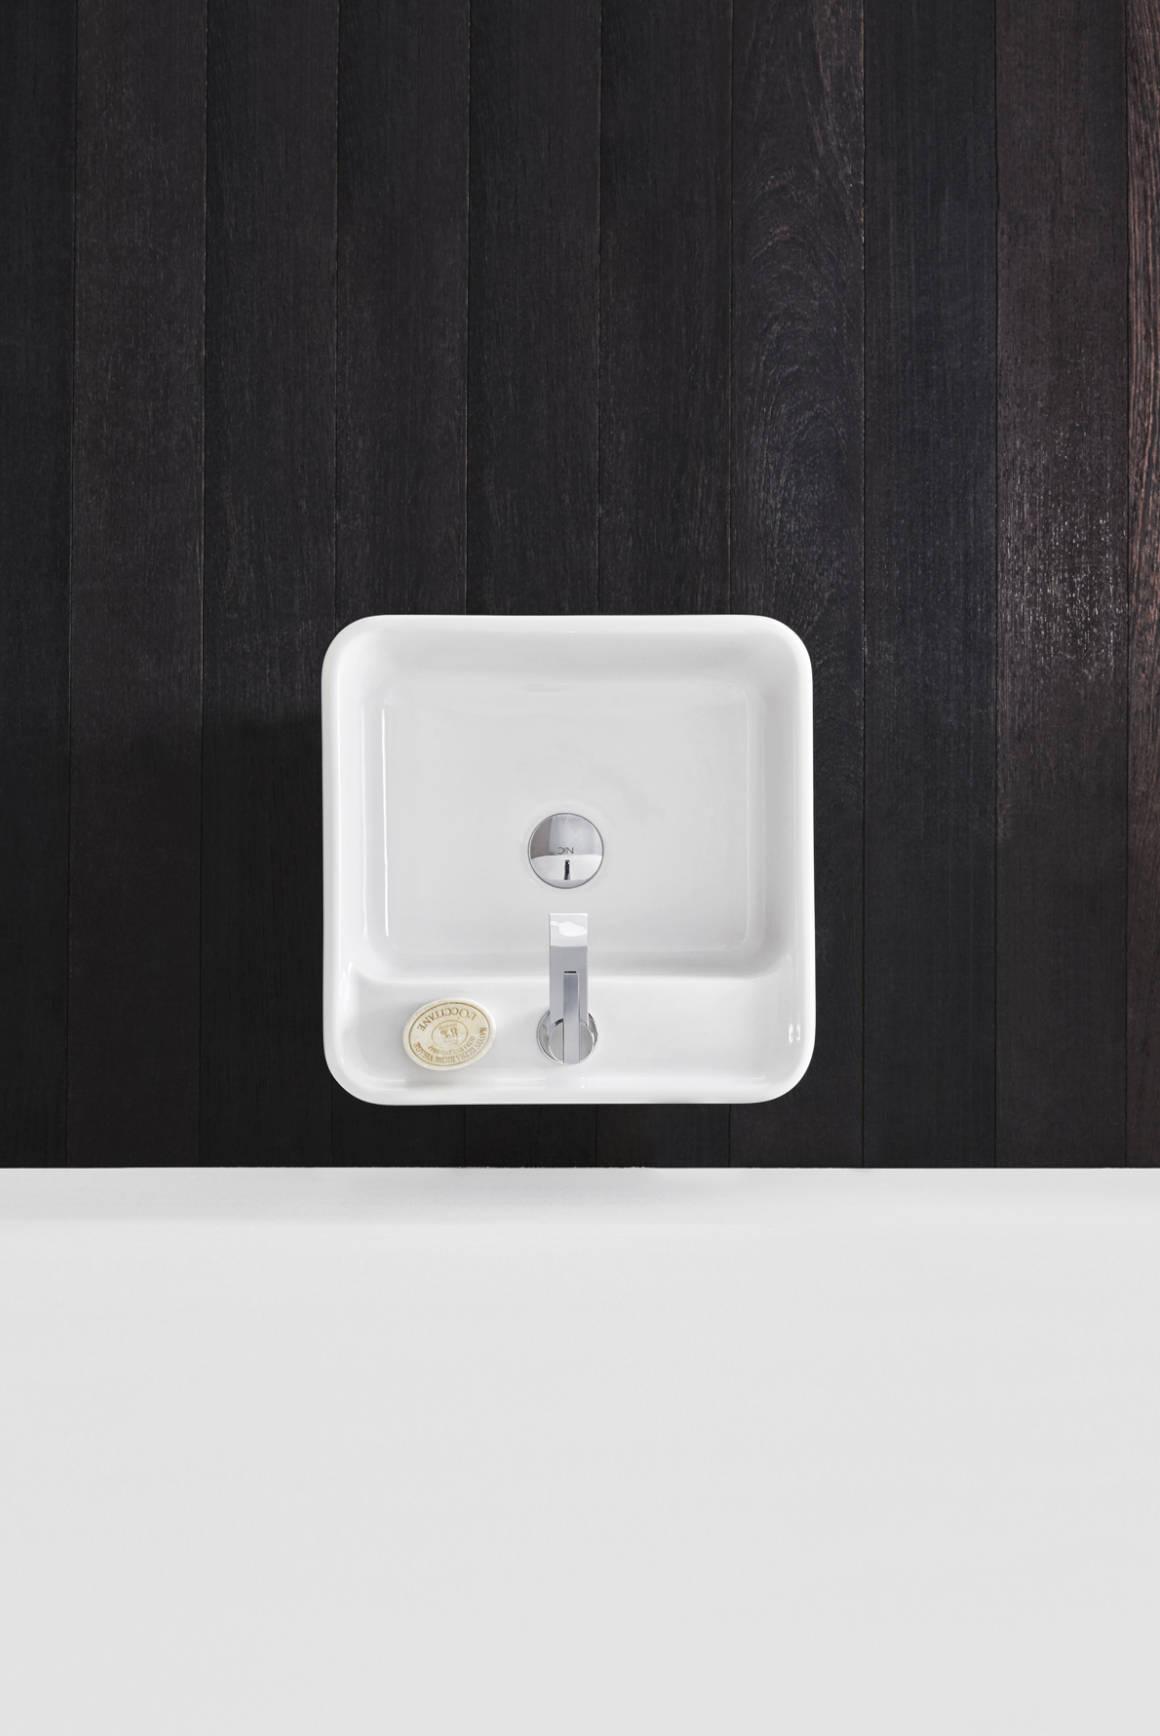 lavabo da terra bianco nic design semplice freestanding con foro